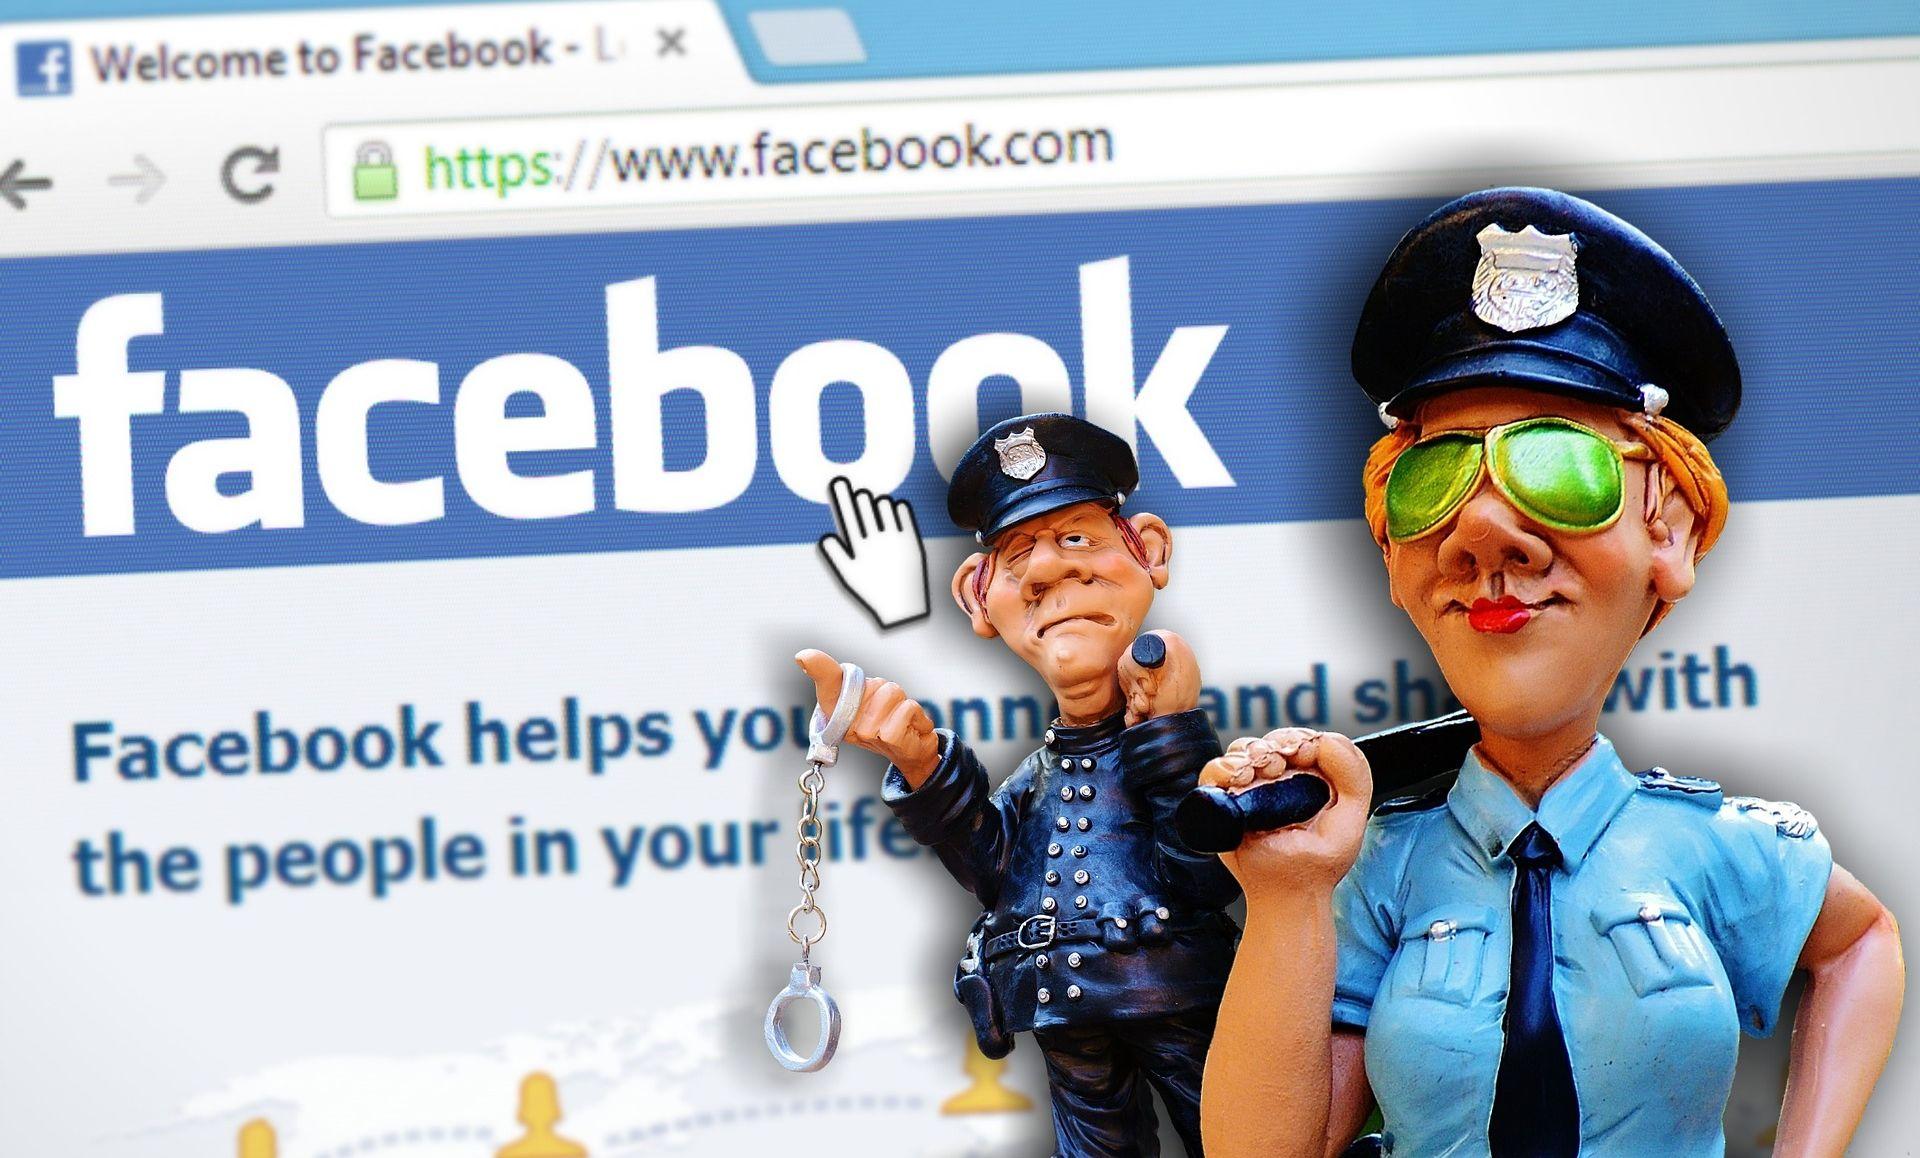 Zatvor dosuđen trojici muškaraca nakon silovanja izravno objavljenog na Facebooku